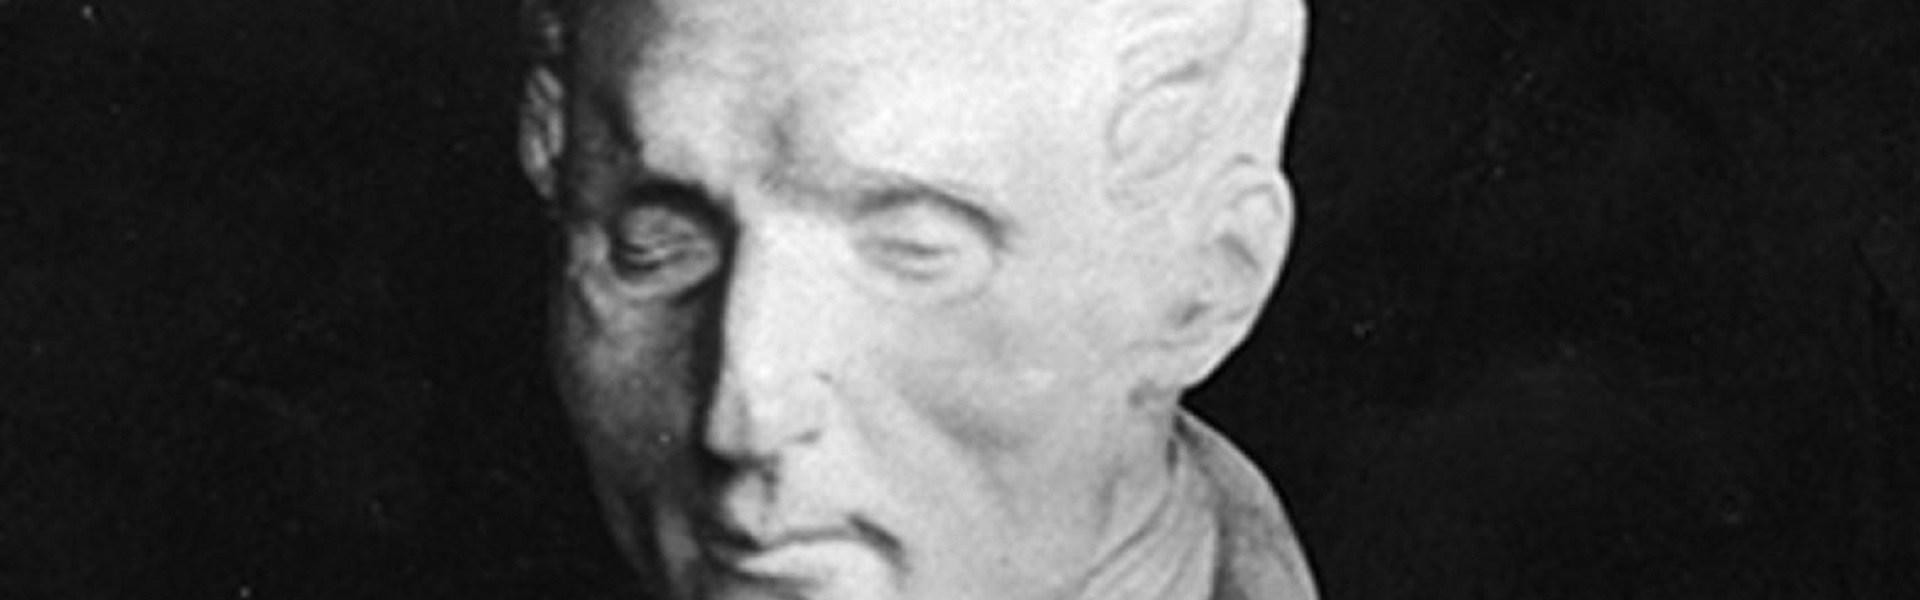 La foto mostra una scultura raffigurante Louis Braille